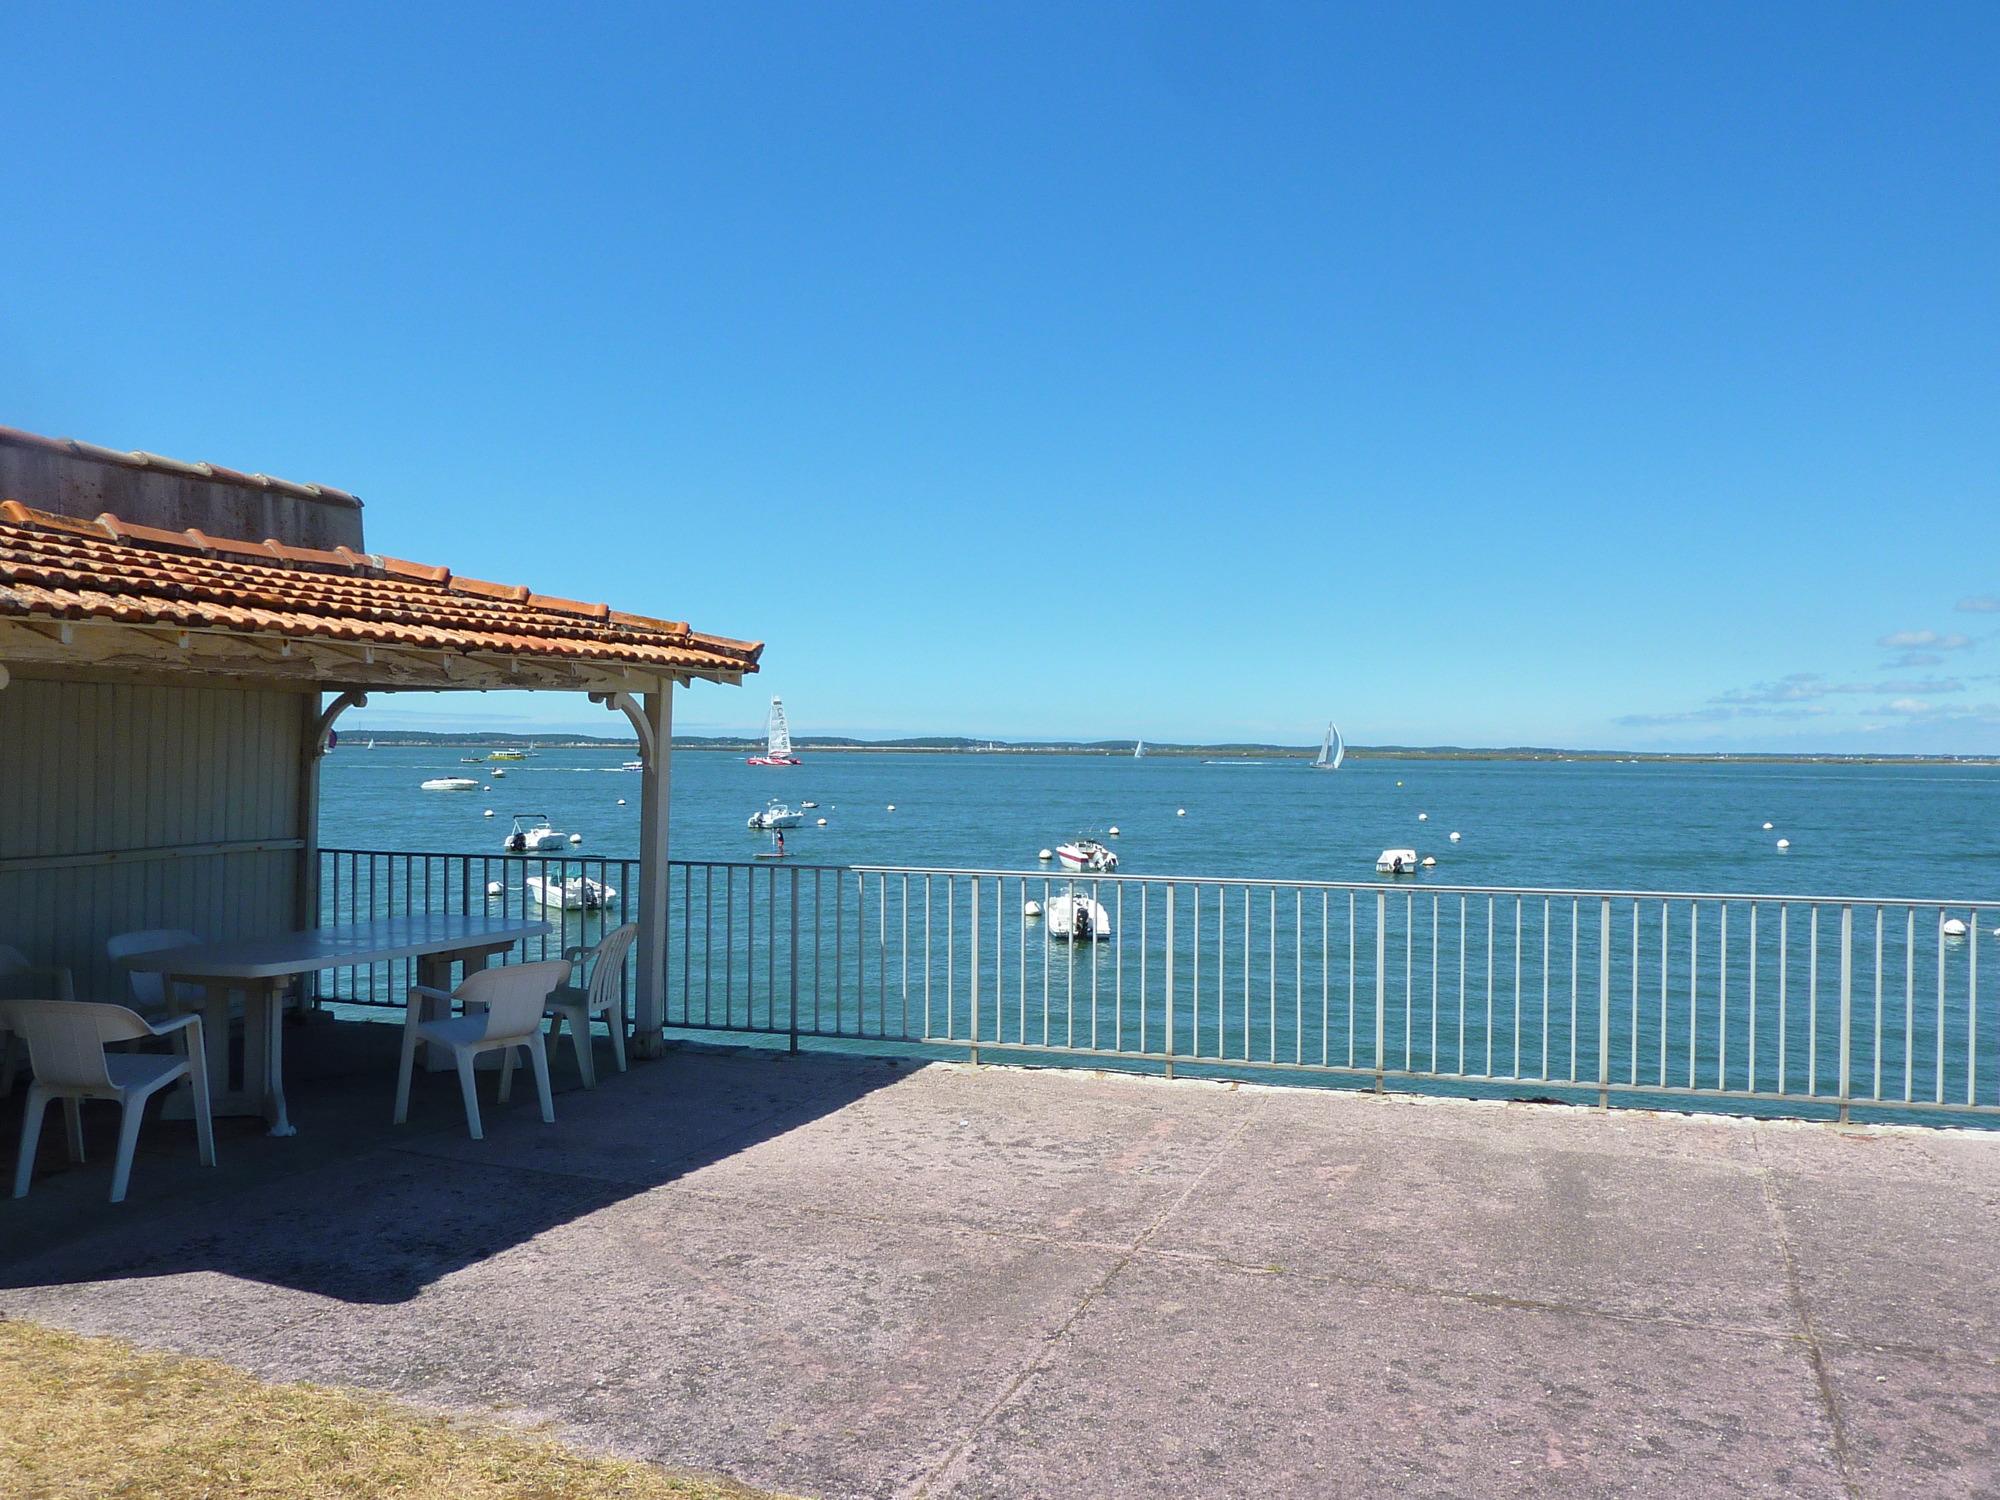 arcachon appartement de bord de mer acc s direct la plage barnes bassin d 39 arcachon. Black Bedroom Furniture Sets. Home Design Ideas